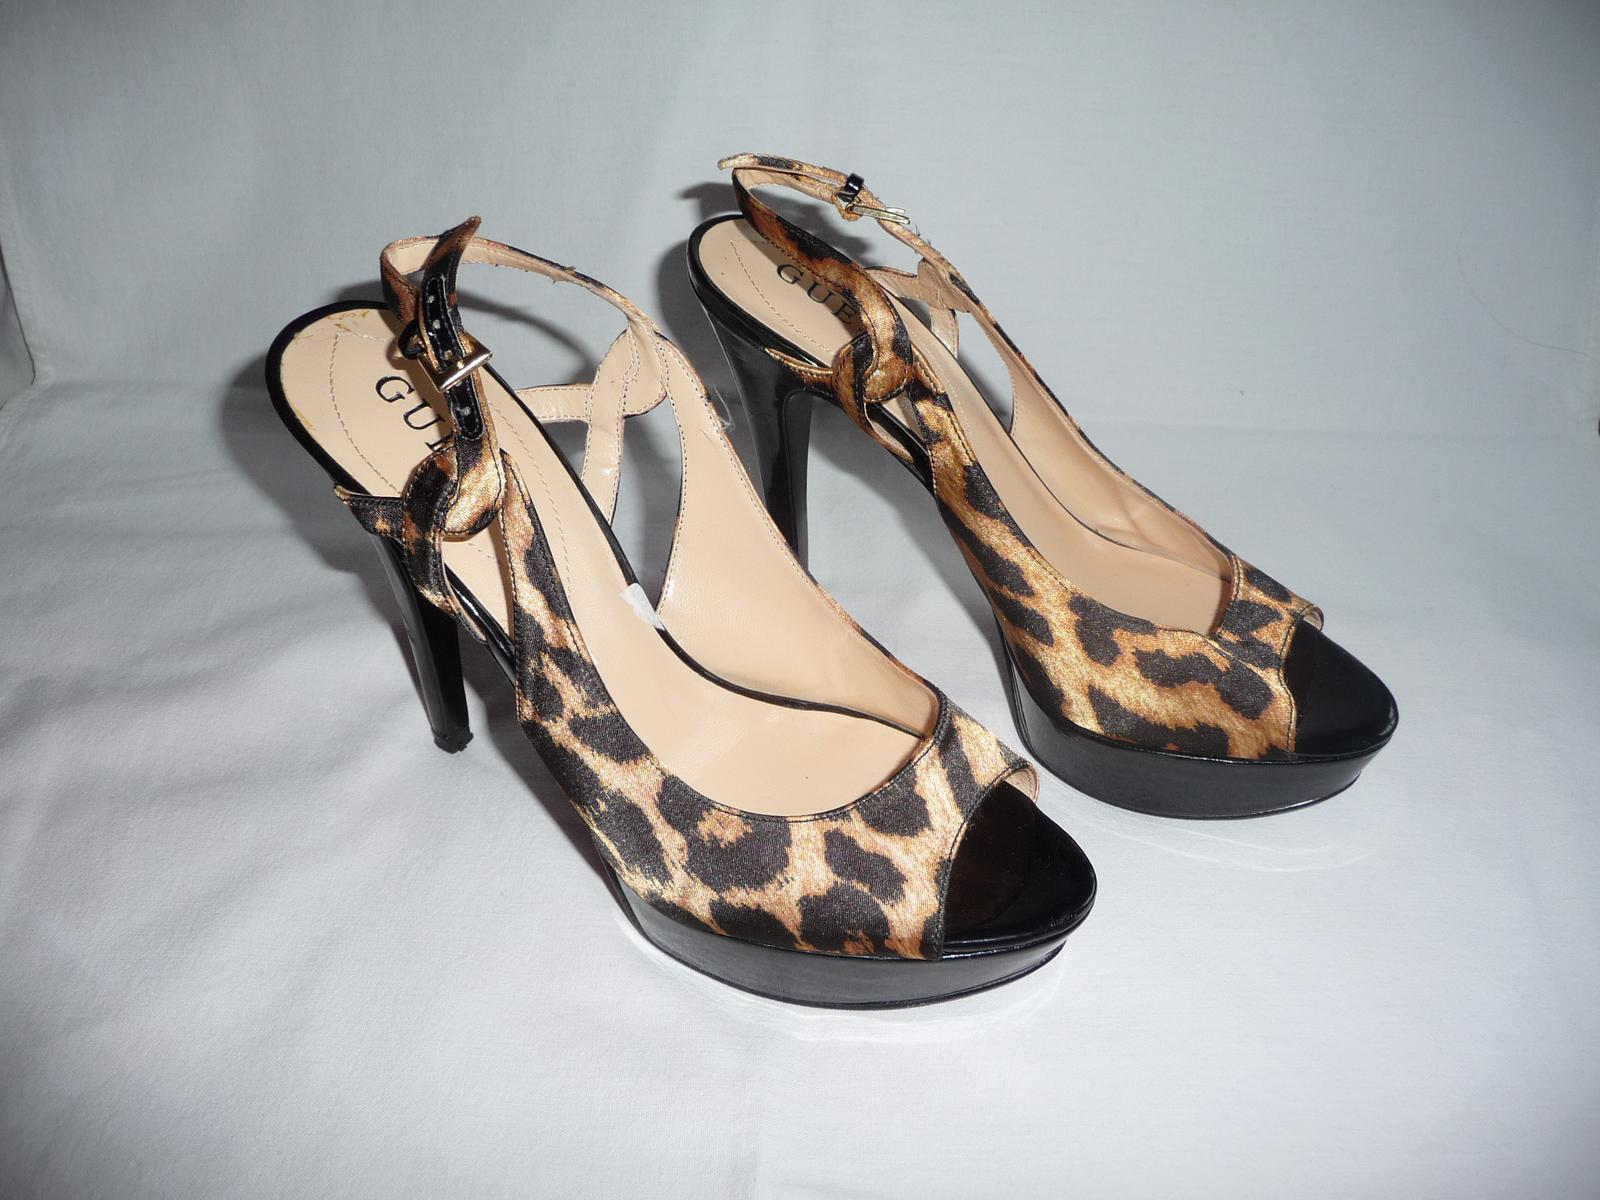 Guess topánky nenosené - Obrázok č. 3